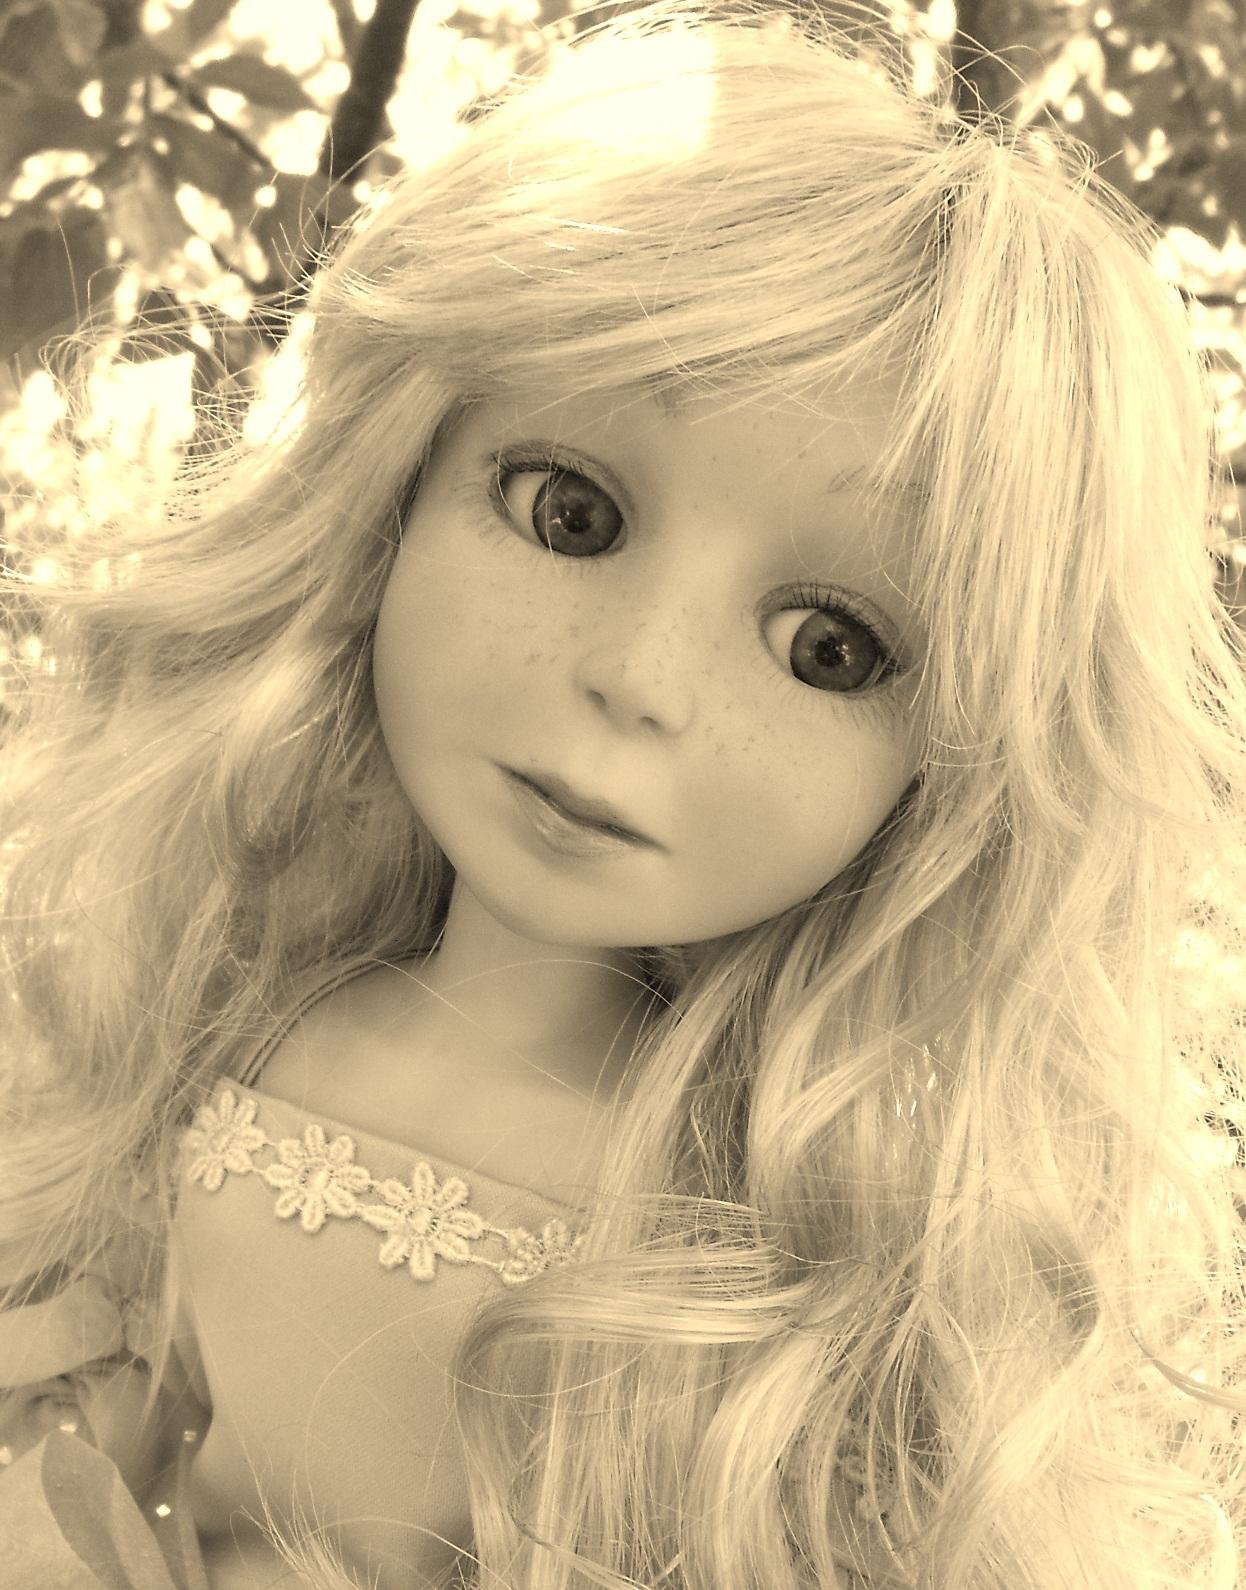 Princess-sephia (1663x1900).jpg?13650249